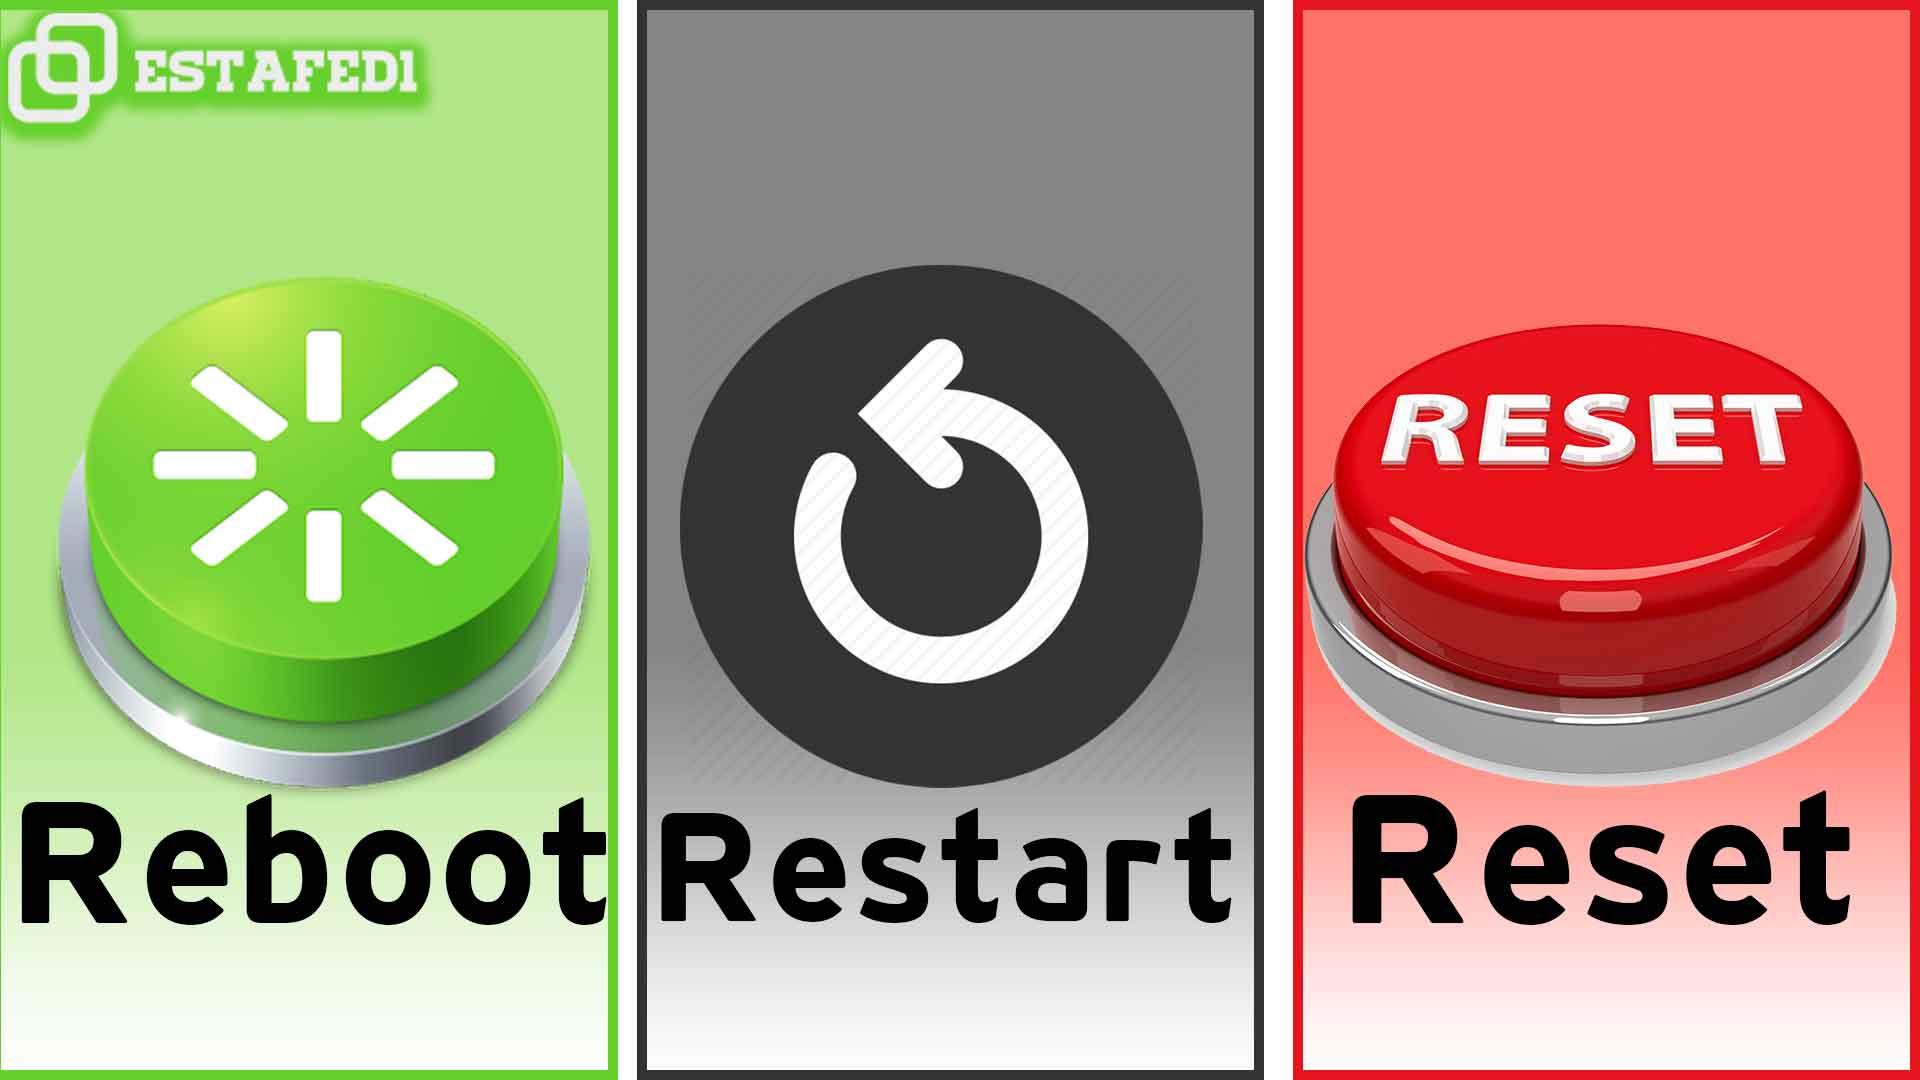 الفرق بين Reboot و Reset و Restart مفاهيم مختلفة نخلط بينها بالخطأ